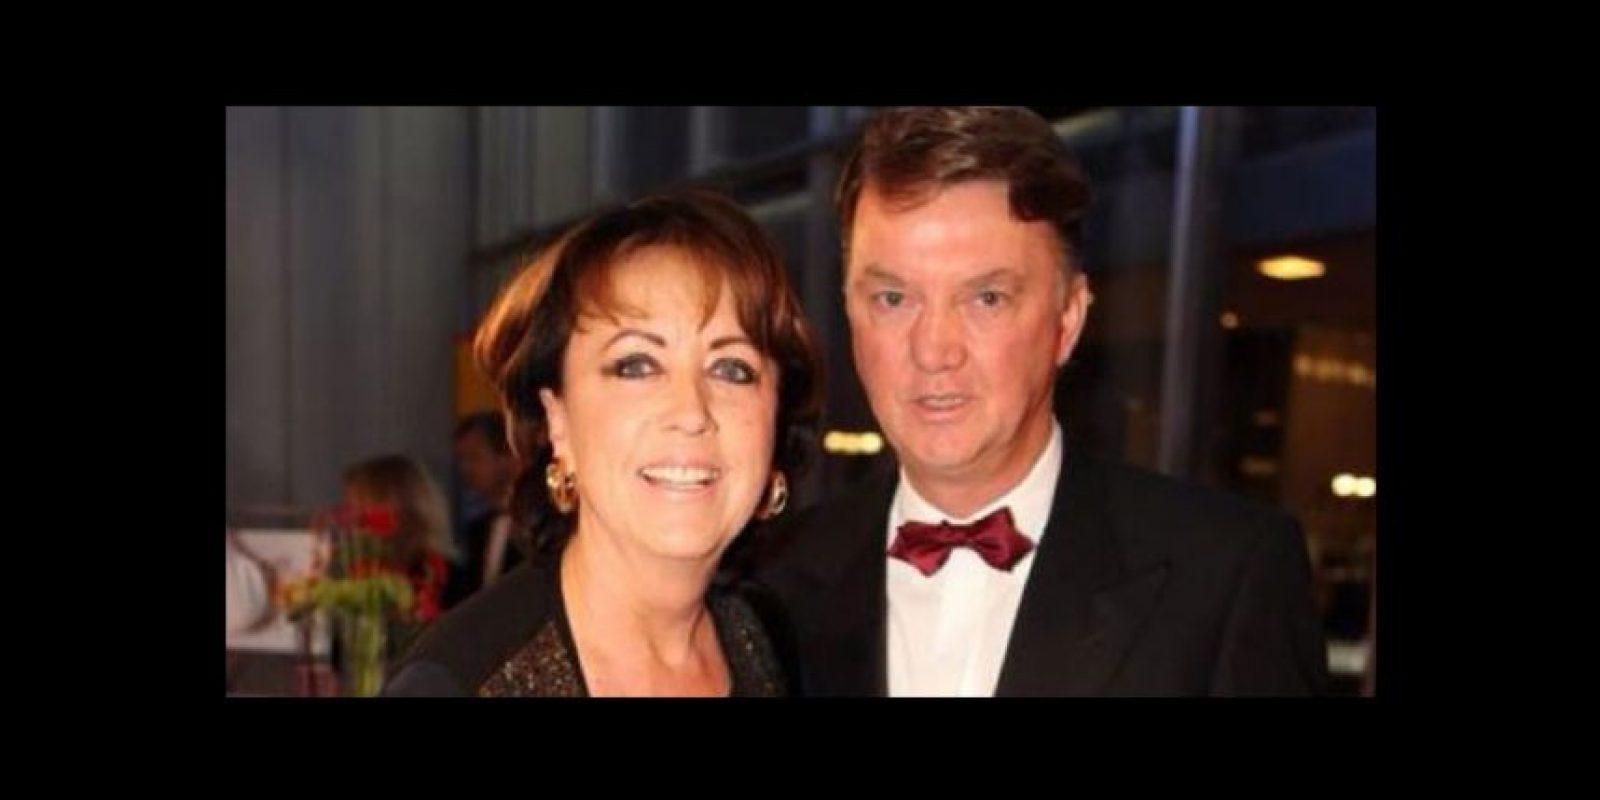 Truus, la esposa del DT de Manchester United, Louis Van Gaal. Foto:Vía twitter.com/truusvangaal